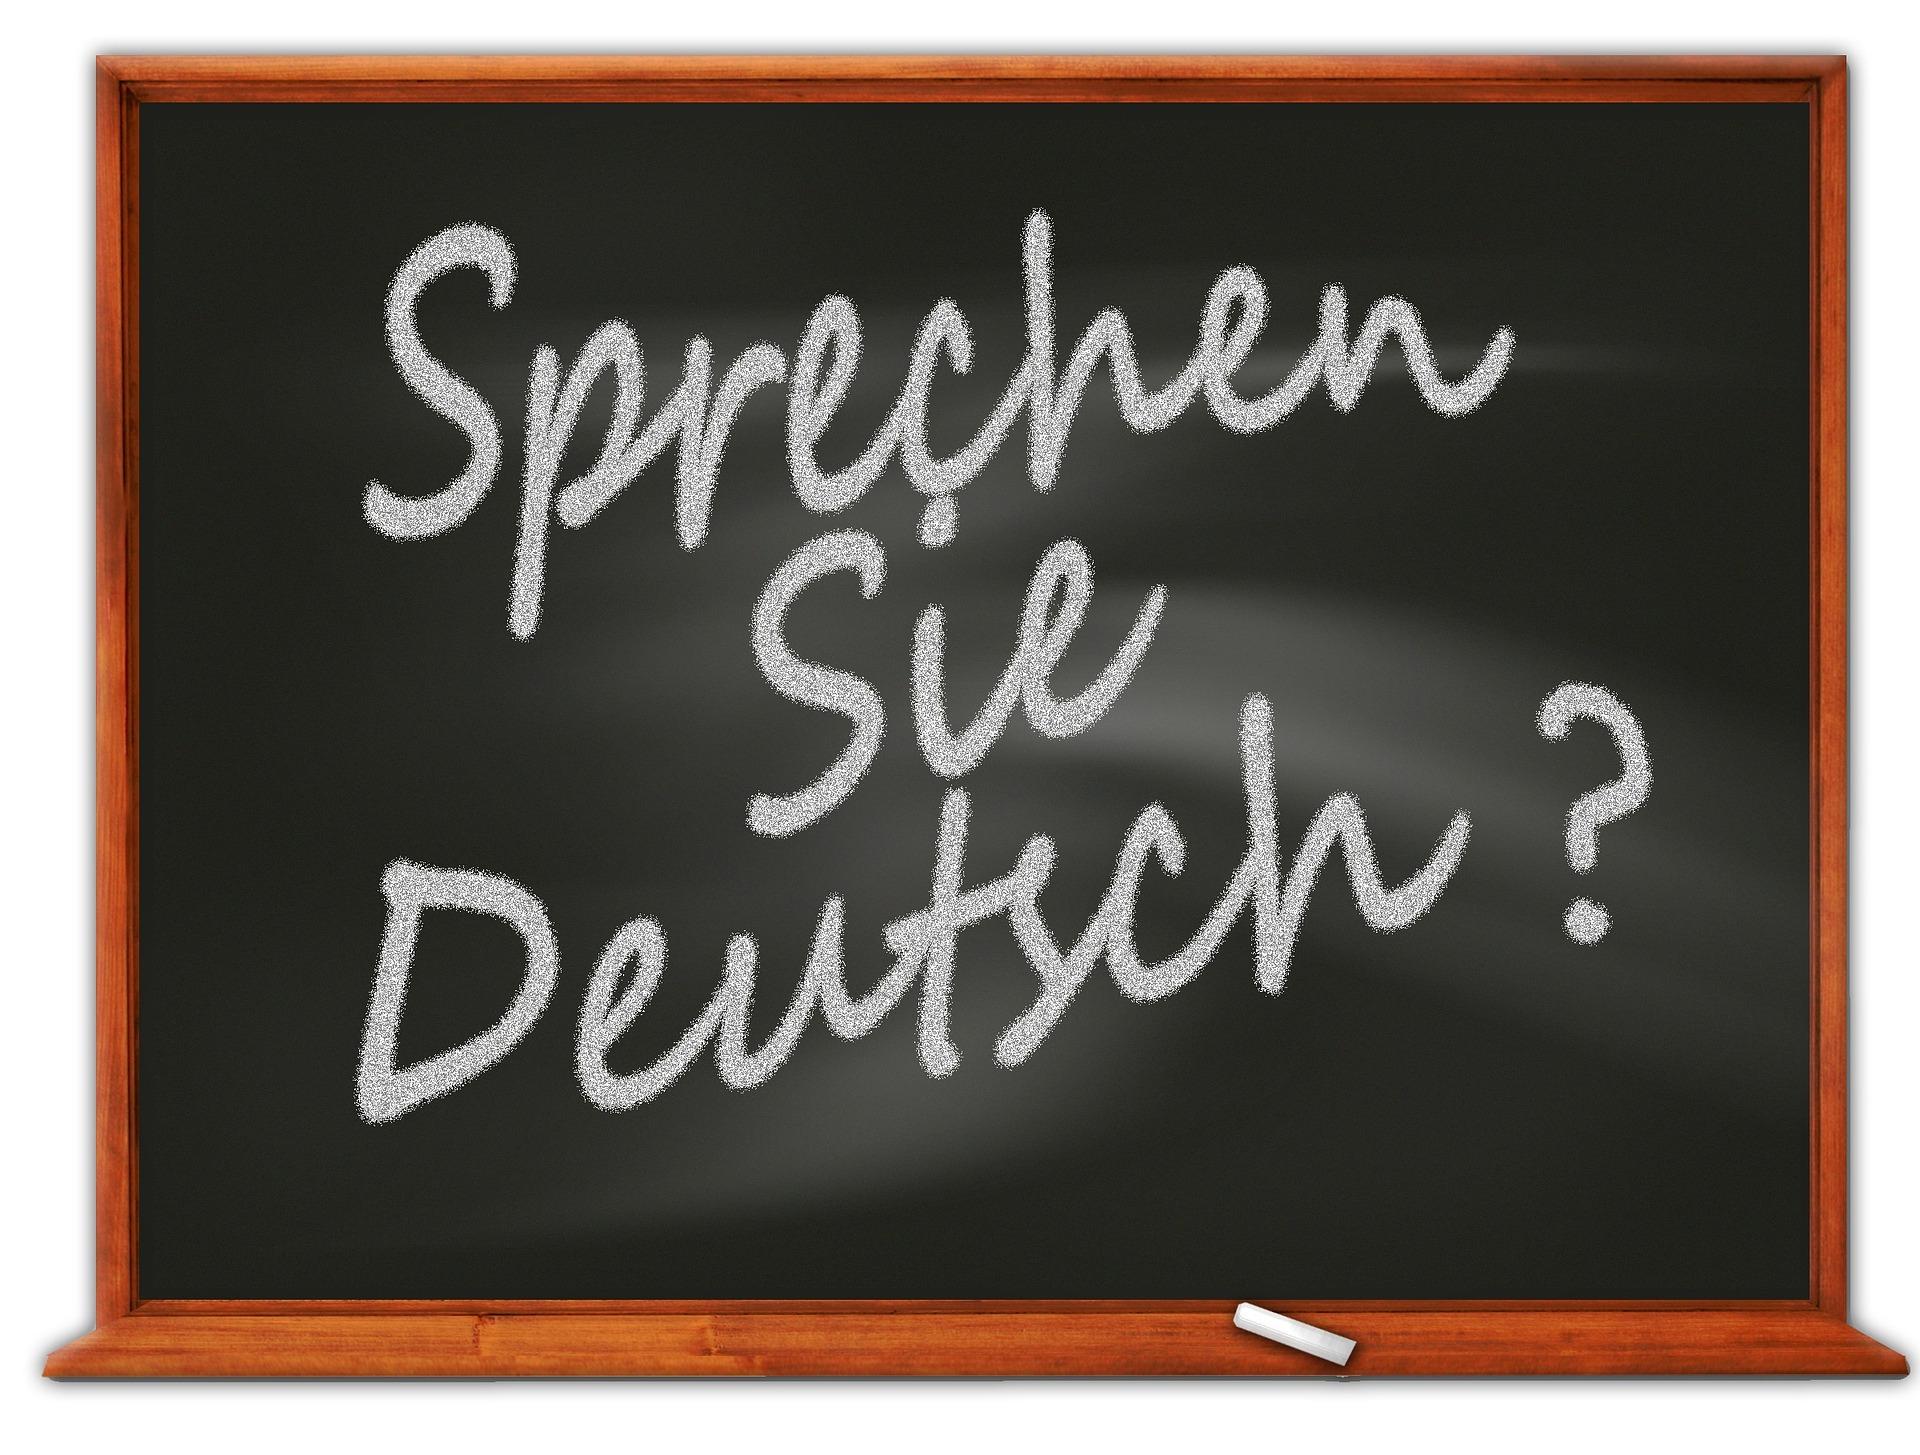 Tesoros lingüísticos a la vista. Sprachschätze in Sicht! Workshop